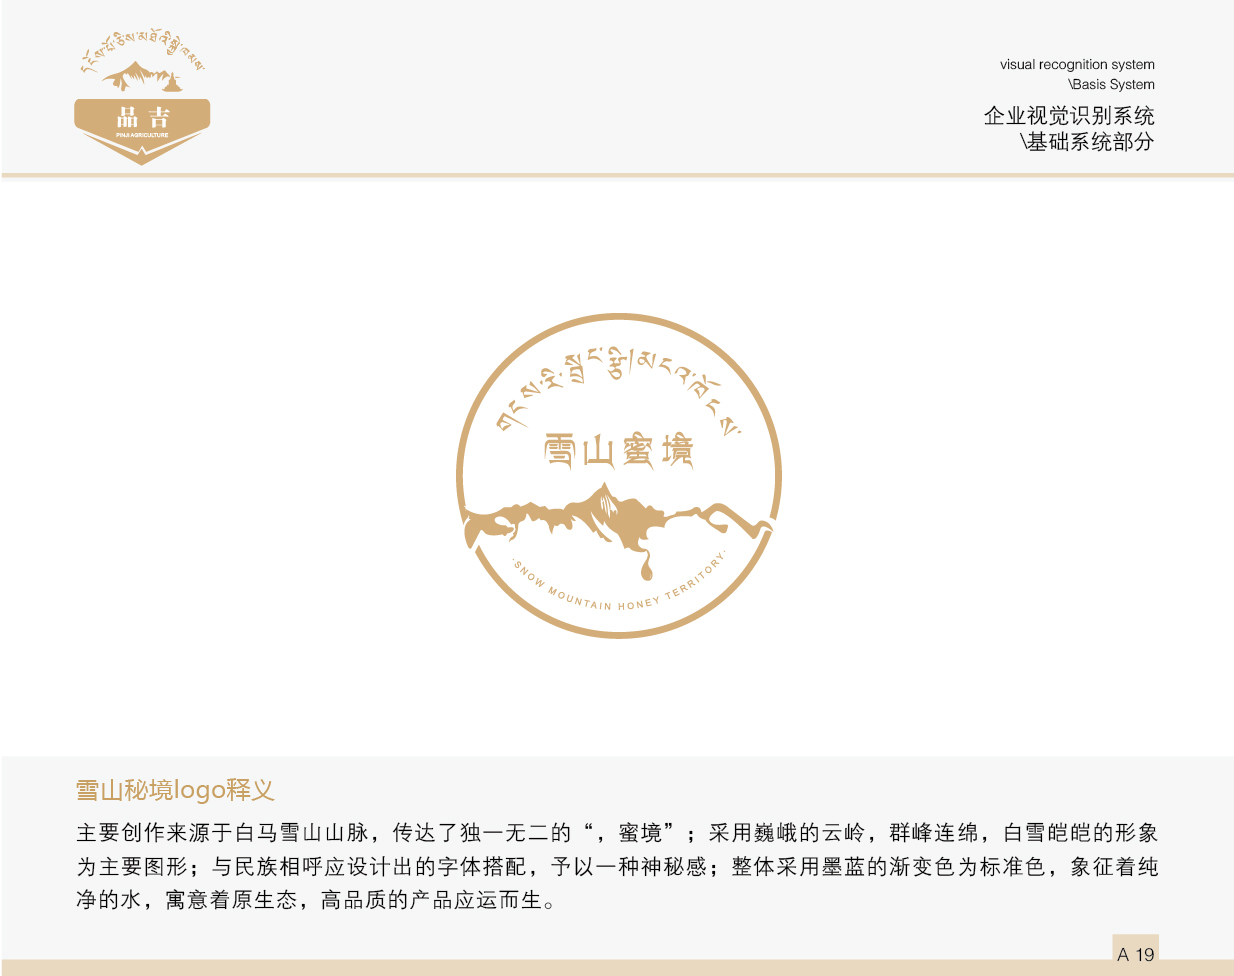 品吉农业VI 基础系统部分  客户资料  第20张